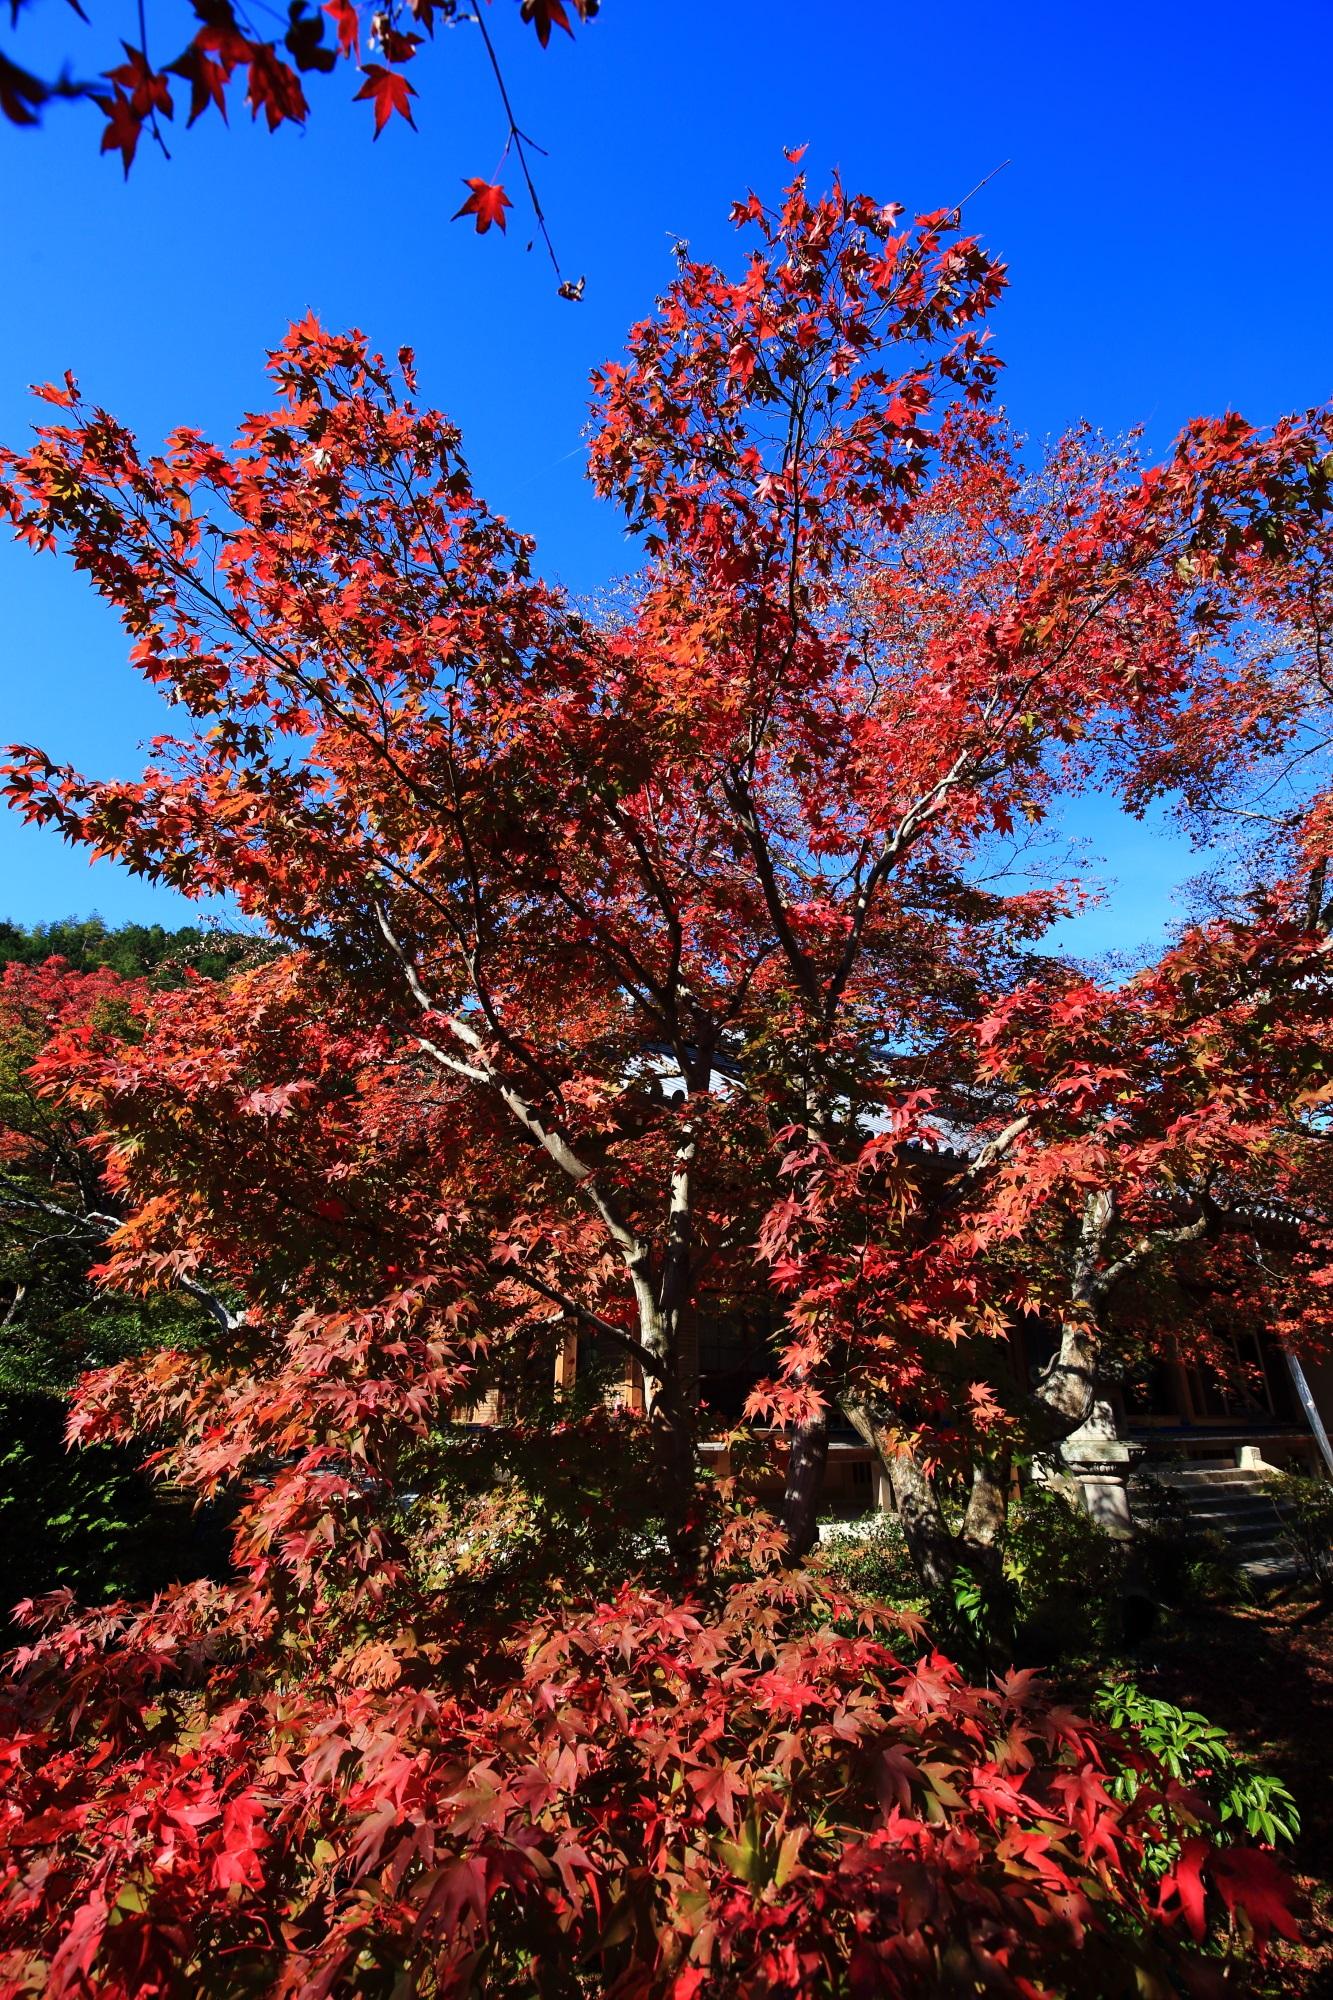 紅葉名所の常寂光寺の美しい紅葉と青空